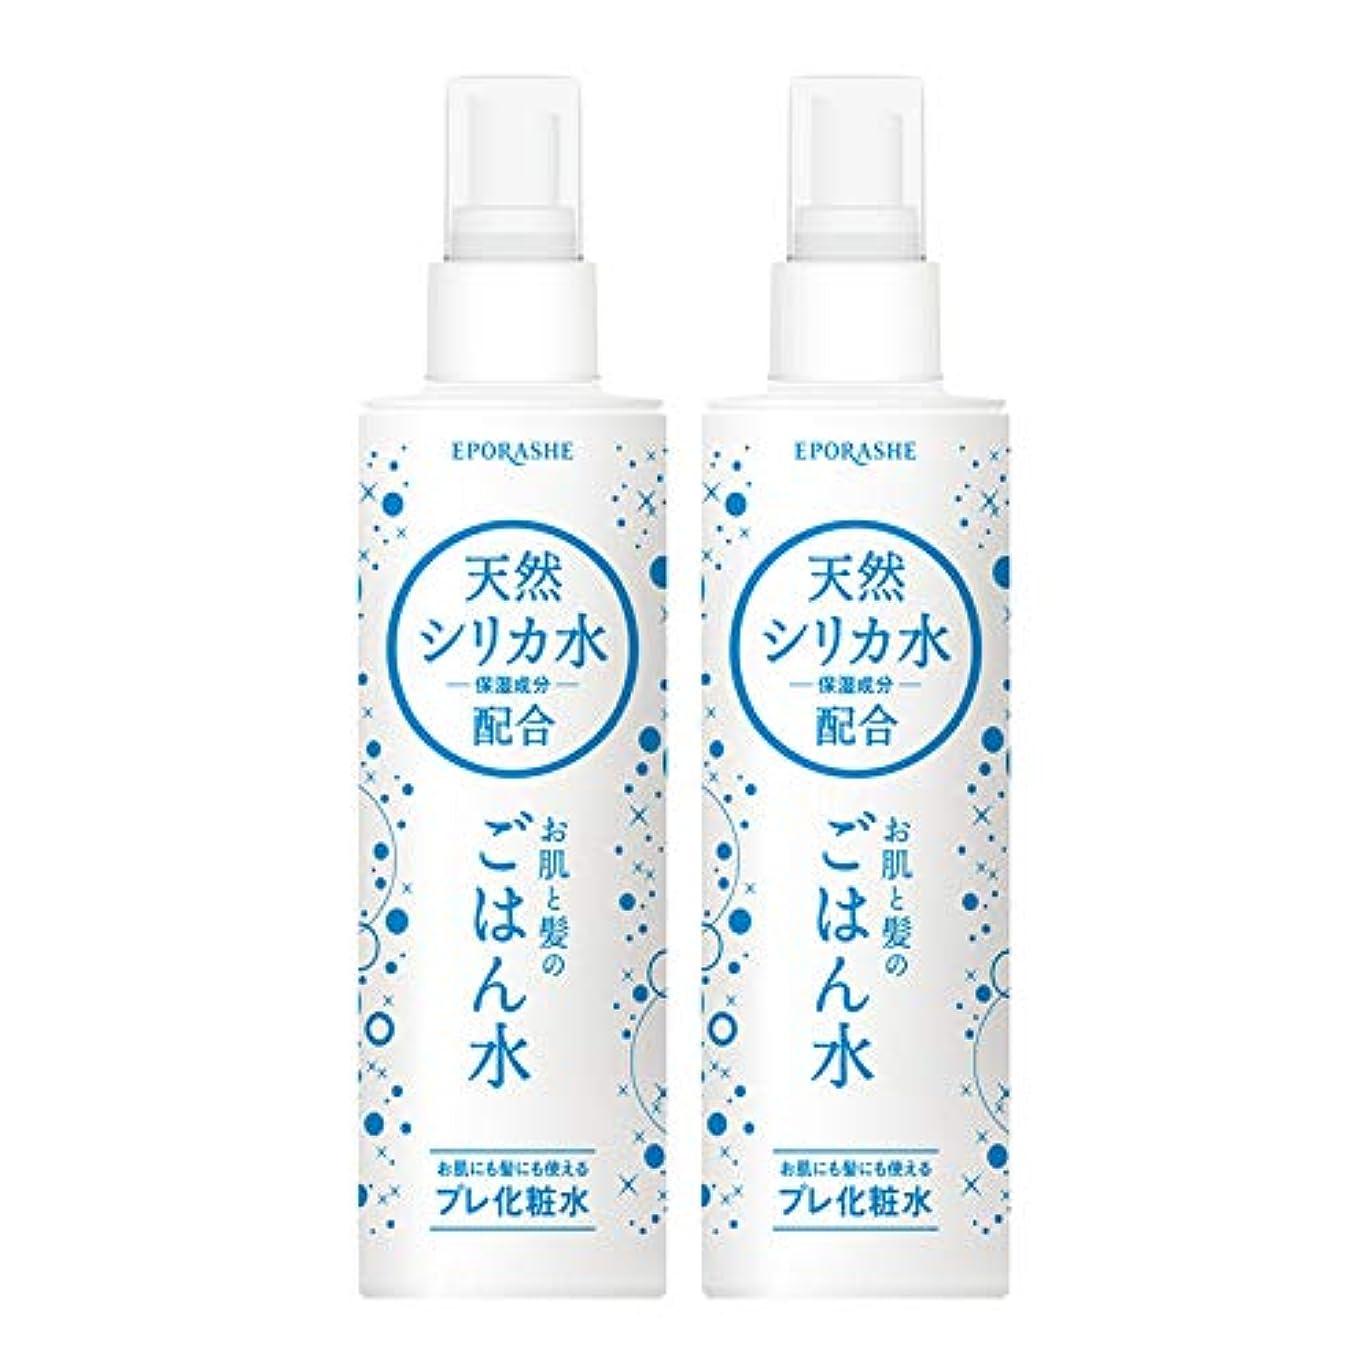 ホイッスル美的びっくりEPORASHE お肌と髪のごはん水 (2本) ケイ素(天然シリカ)のプレ化粧水